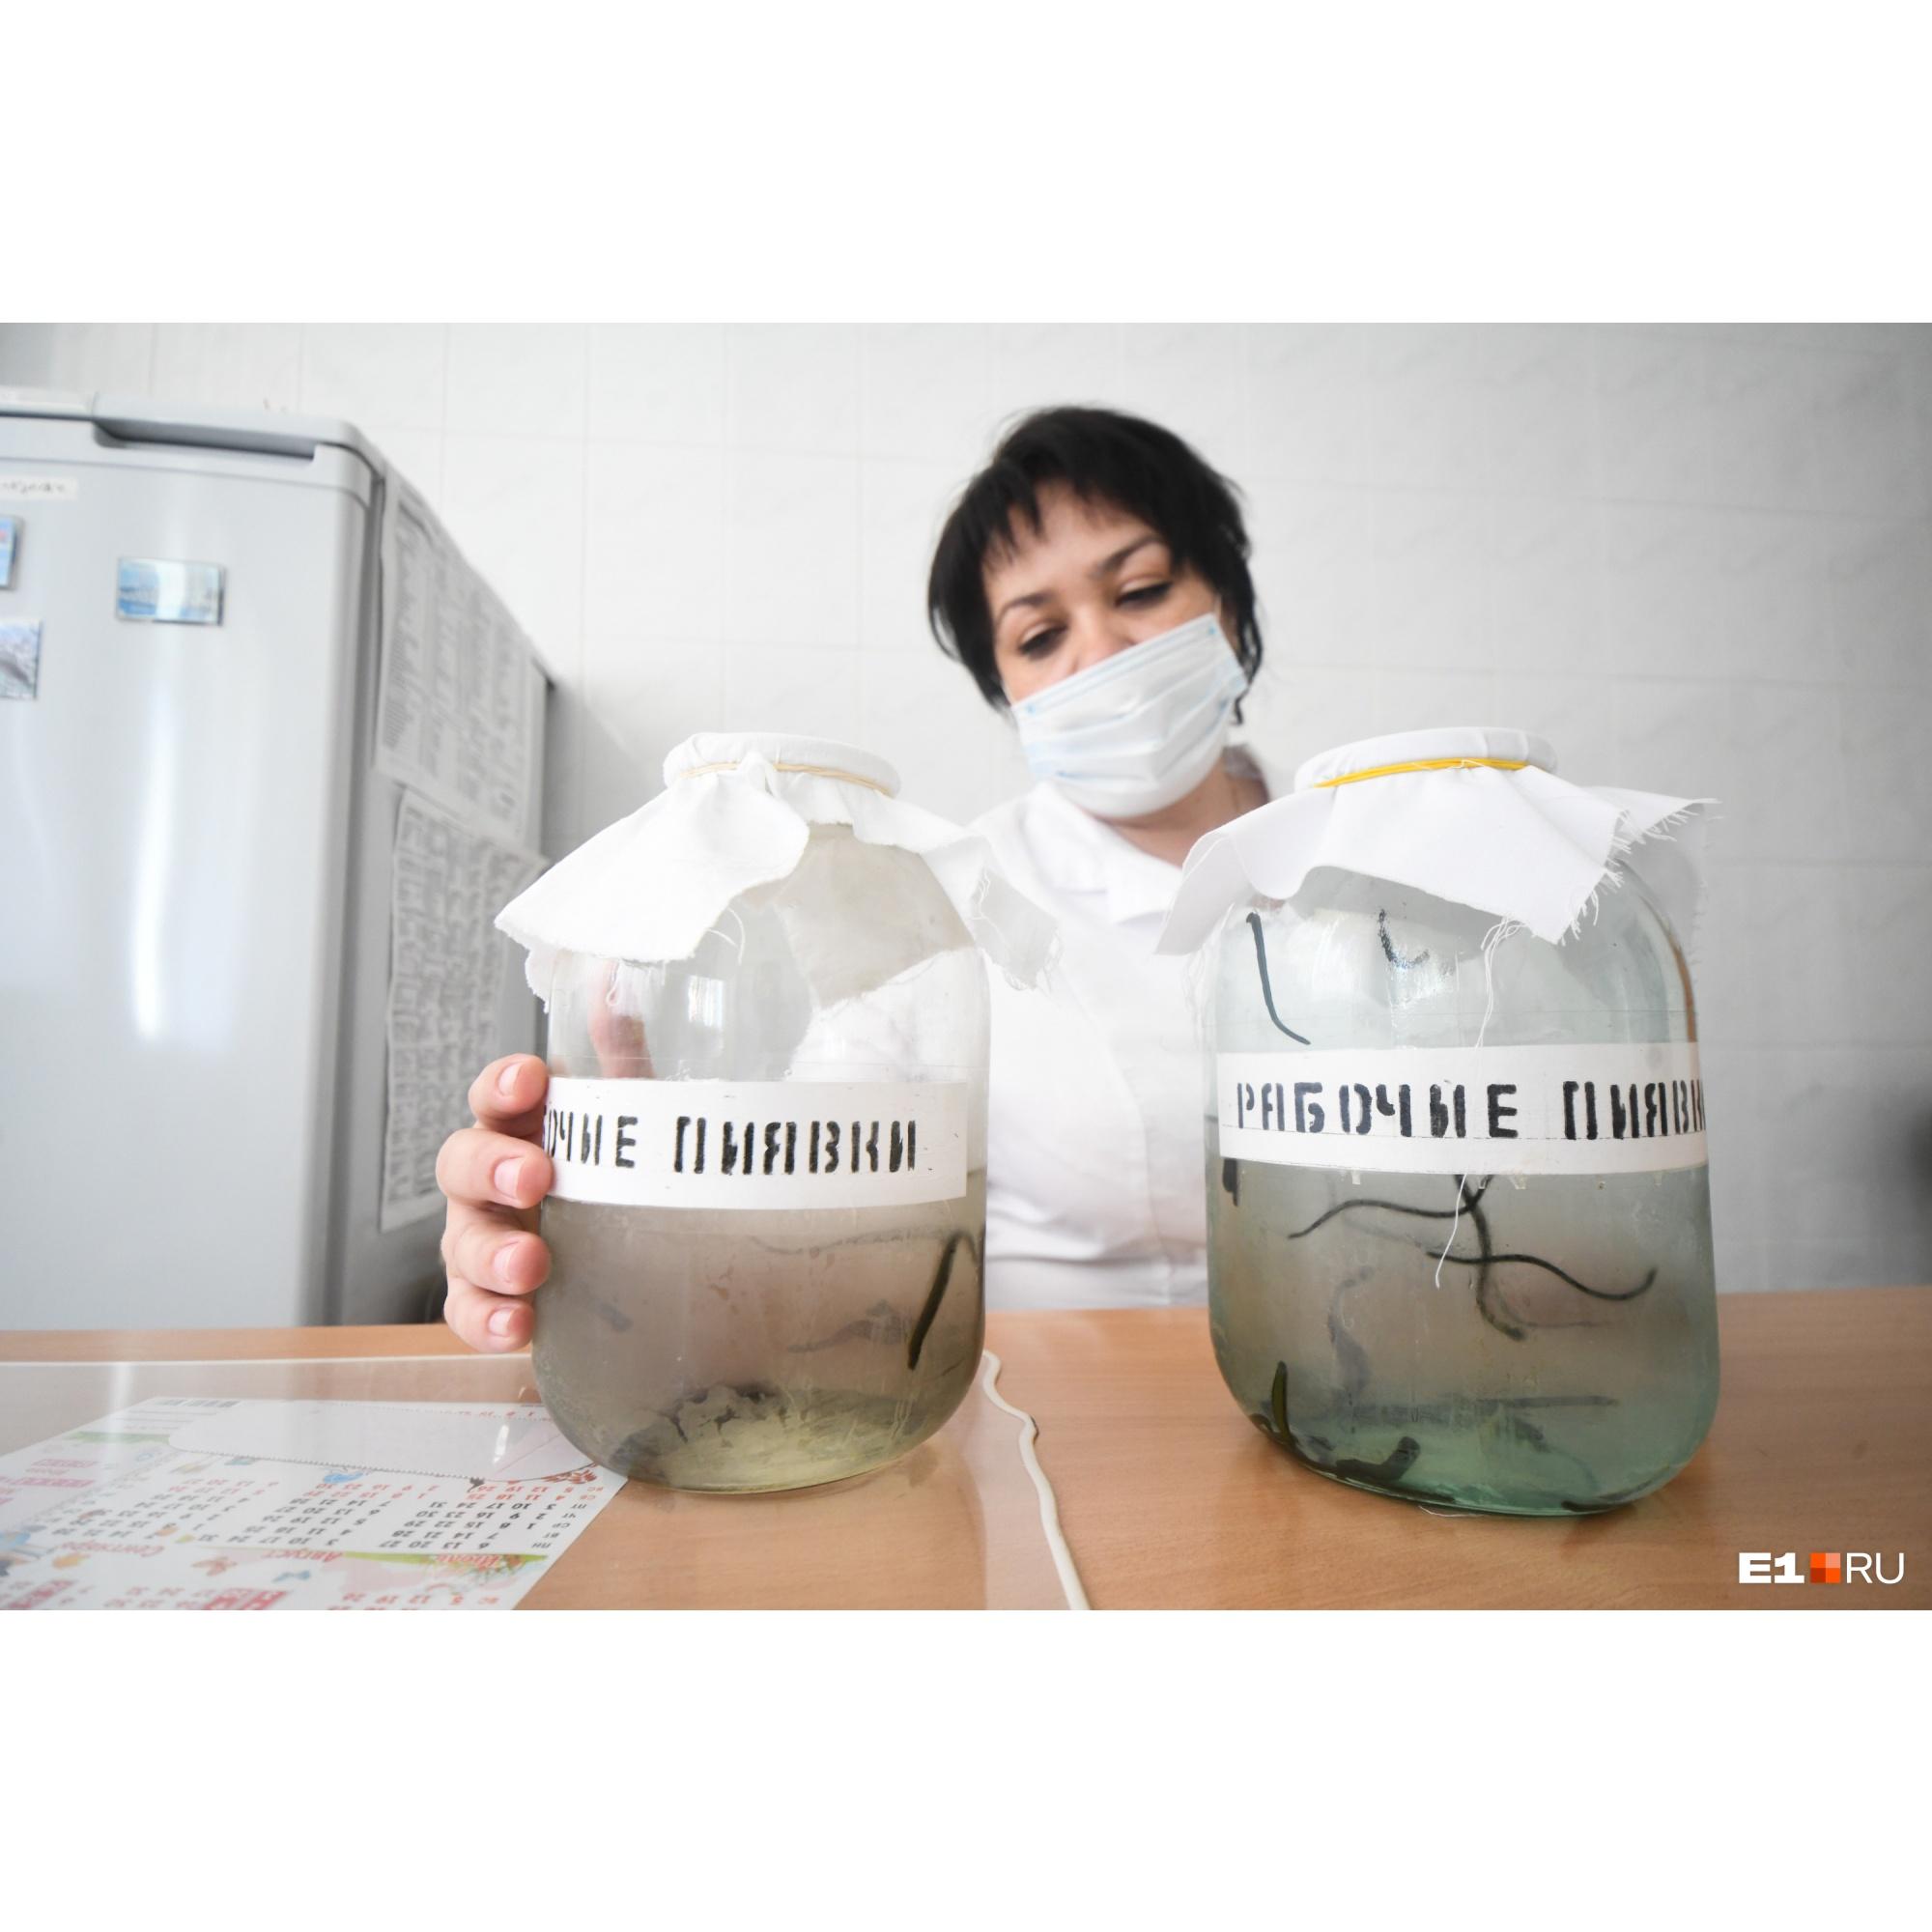 Анатолий Иванович лечил пациентов пчелиным ядом и пиявками. Многие пациенты ехали в госпиталь ВОВ только ради этих процедур